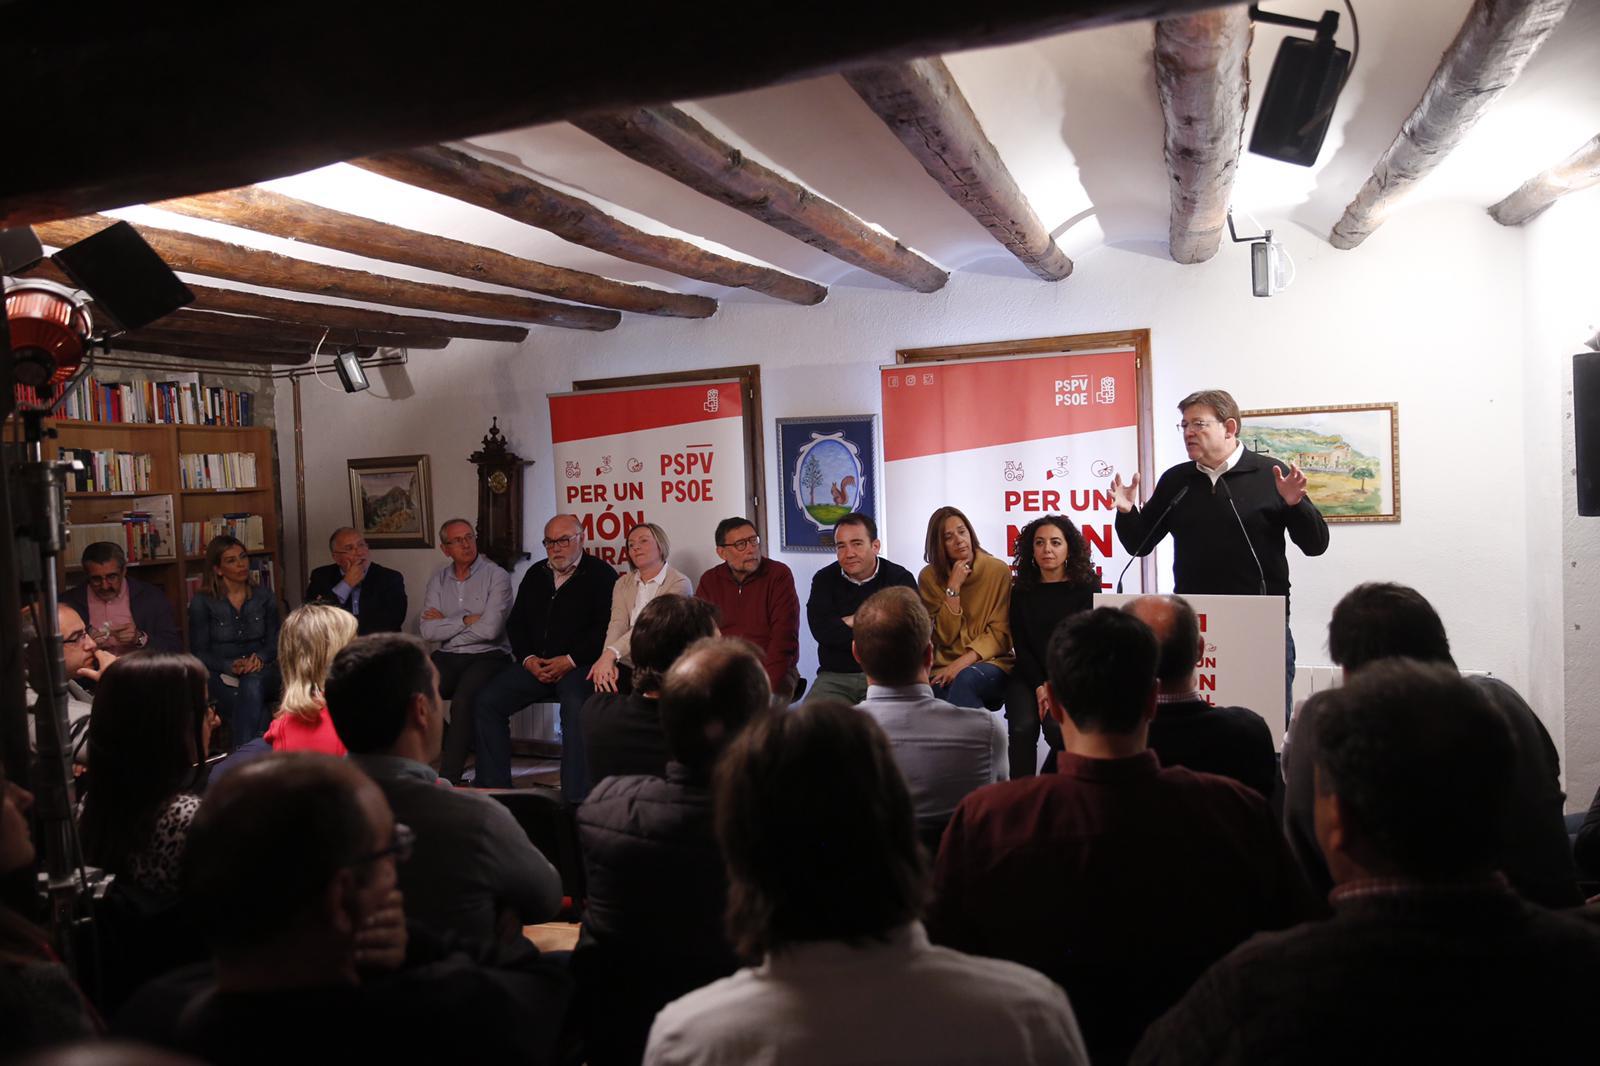 """Ximo Puig: """"Tenim una estratègia valenciana contra la despoblació que ara cal intensificar perquè el món rural continue viu"""""""